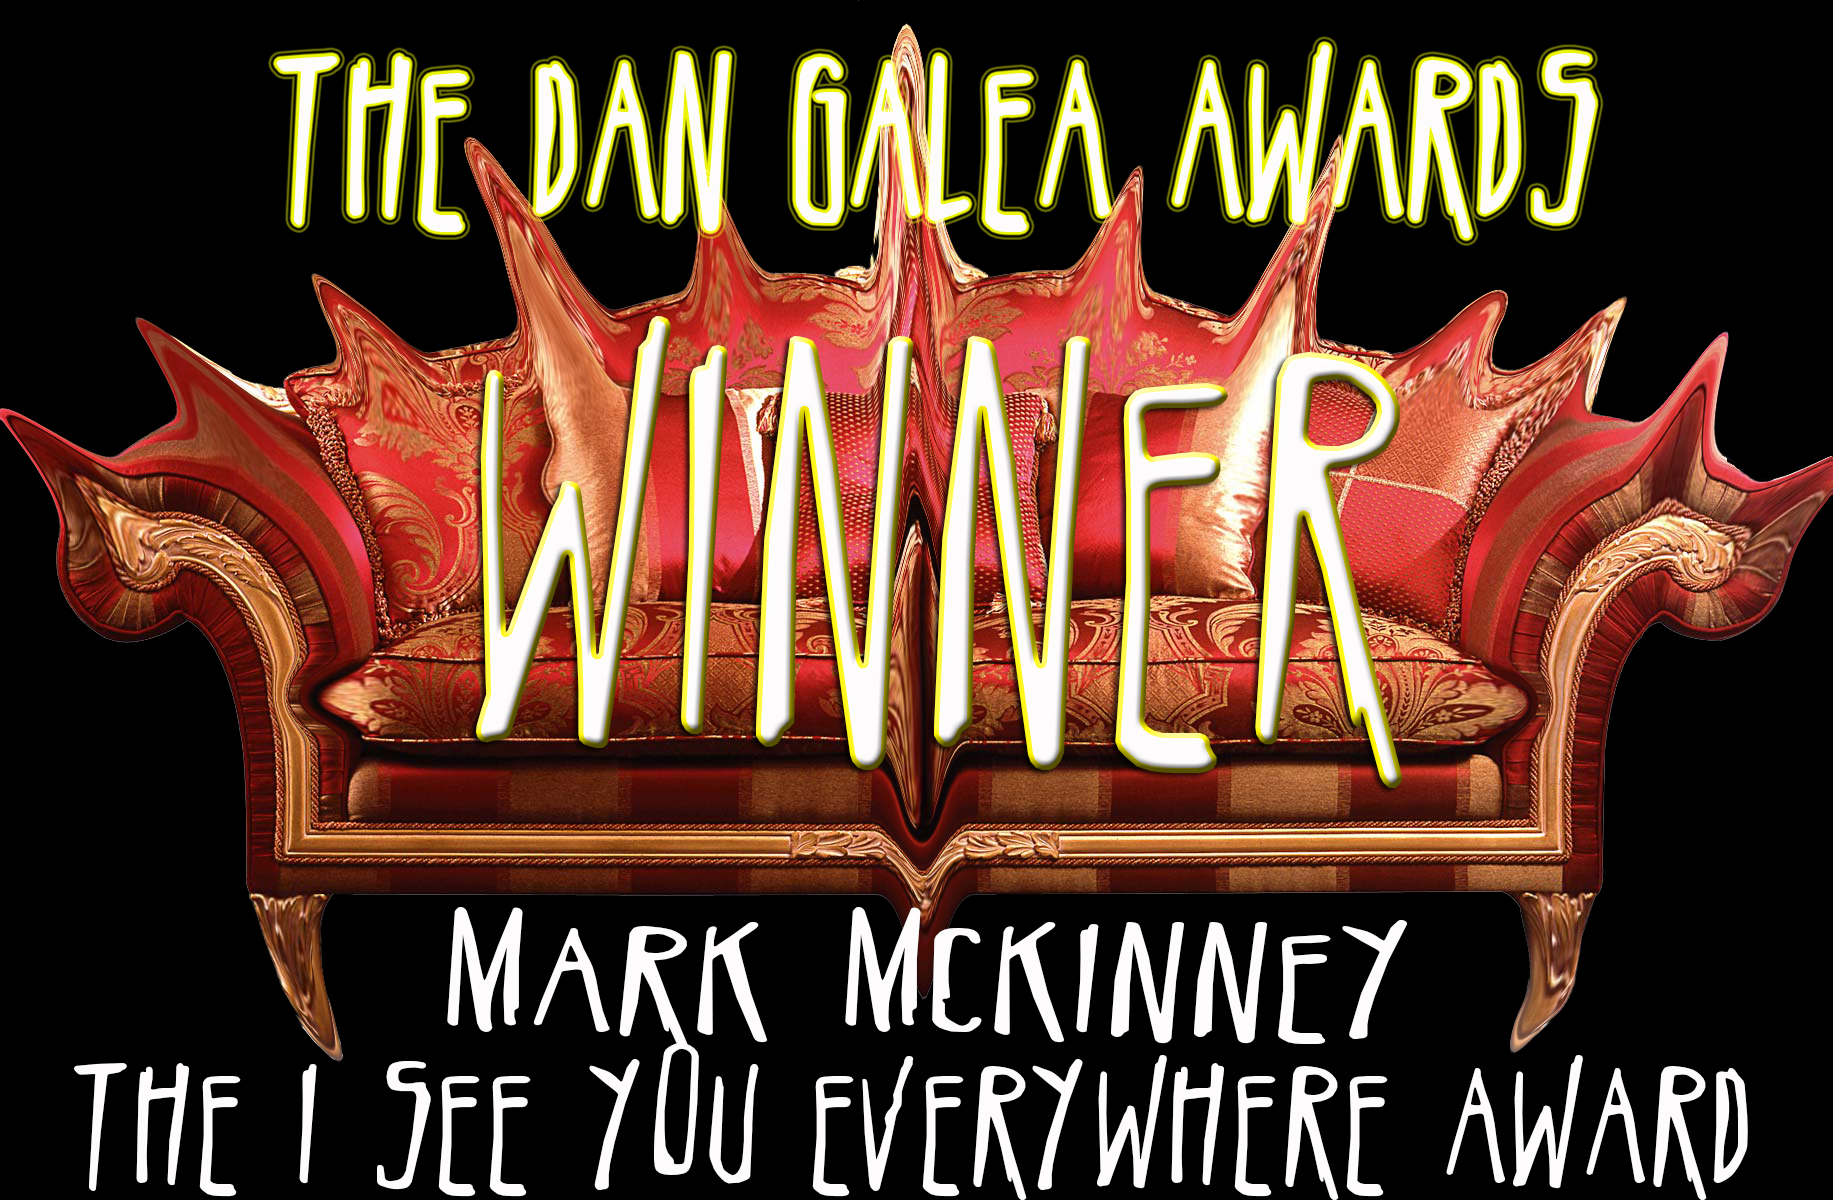 DGAWARDS mark mckinney.jpg